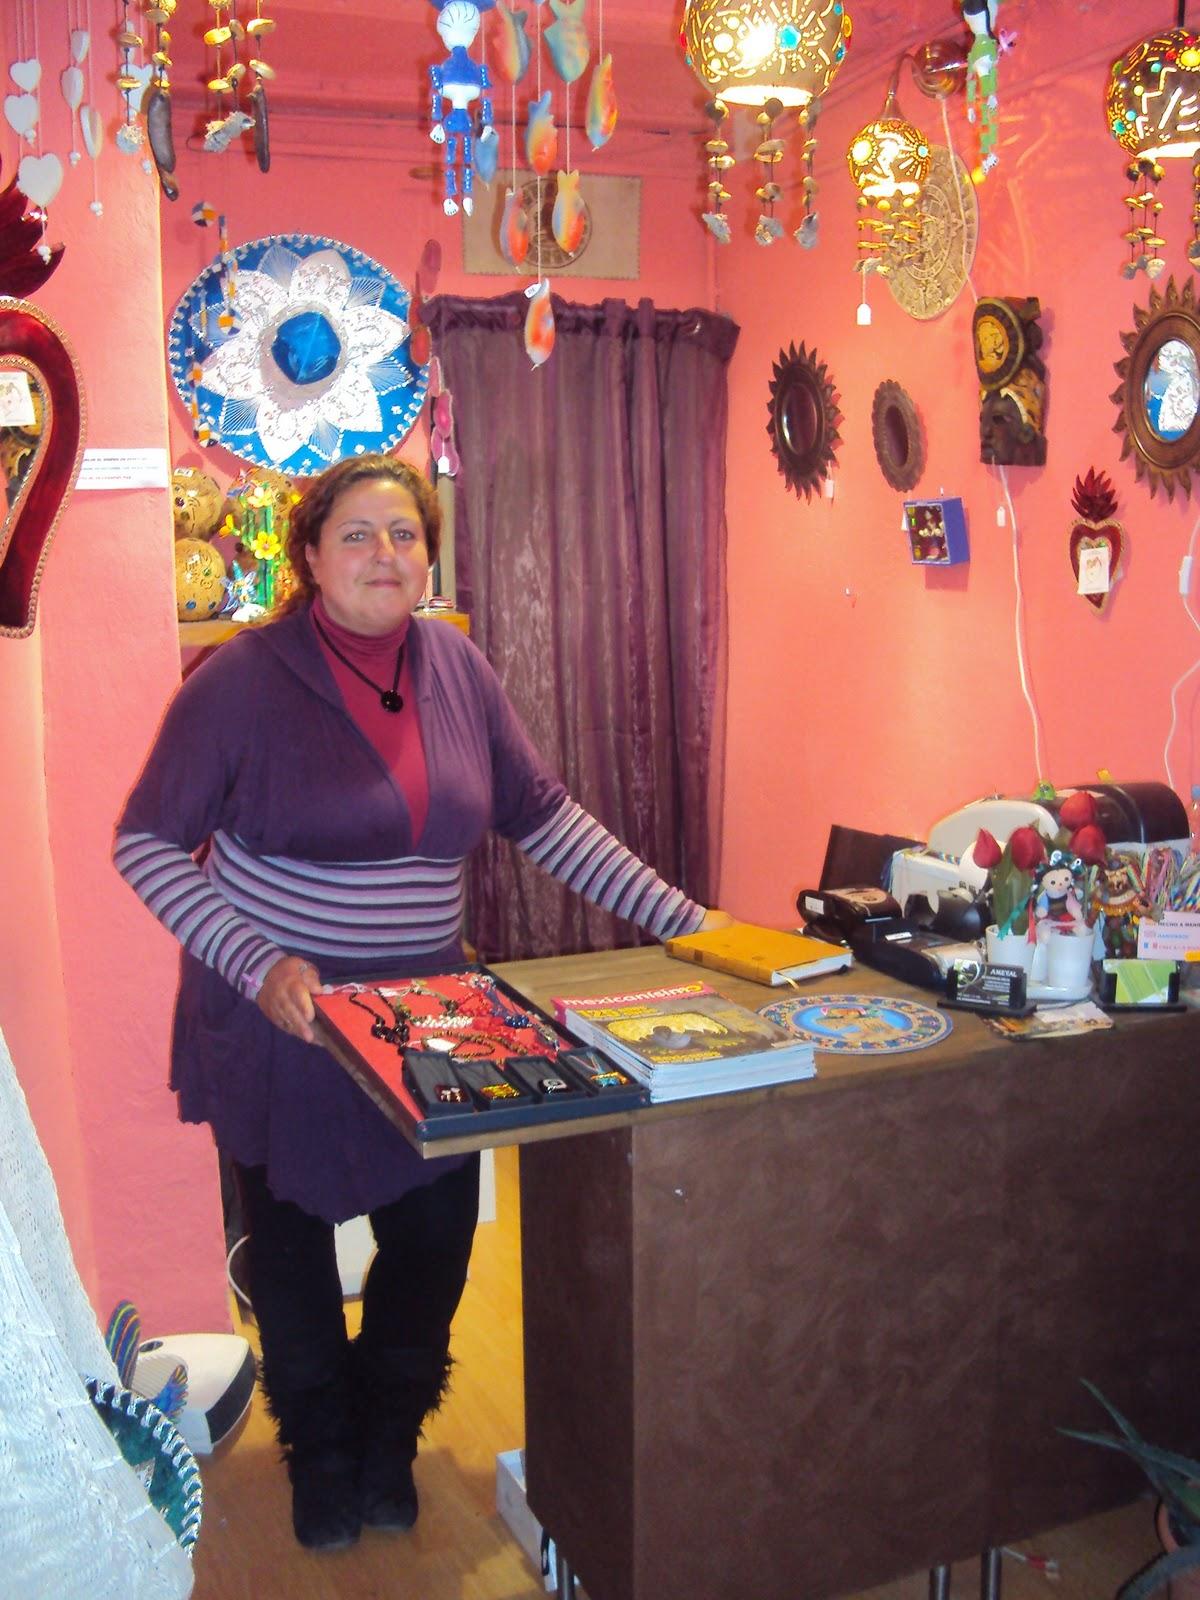 Noticias ameyal una nueva tienda de artesan a mexicana - Artesania barcelona ...